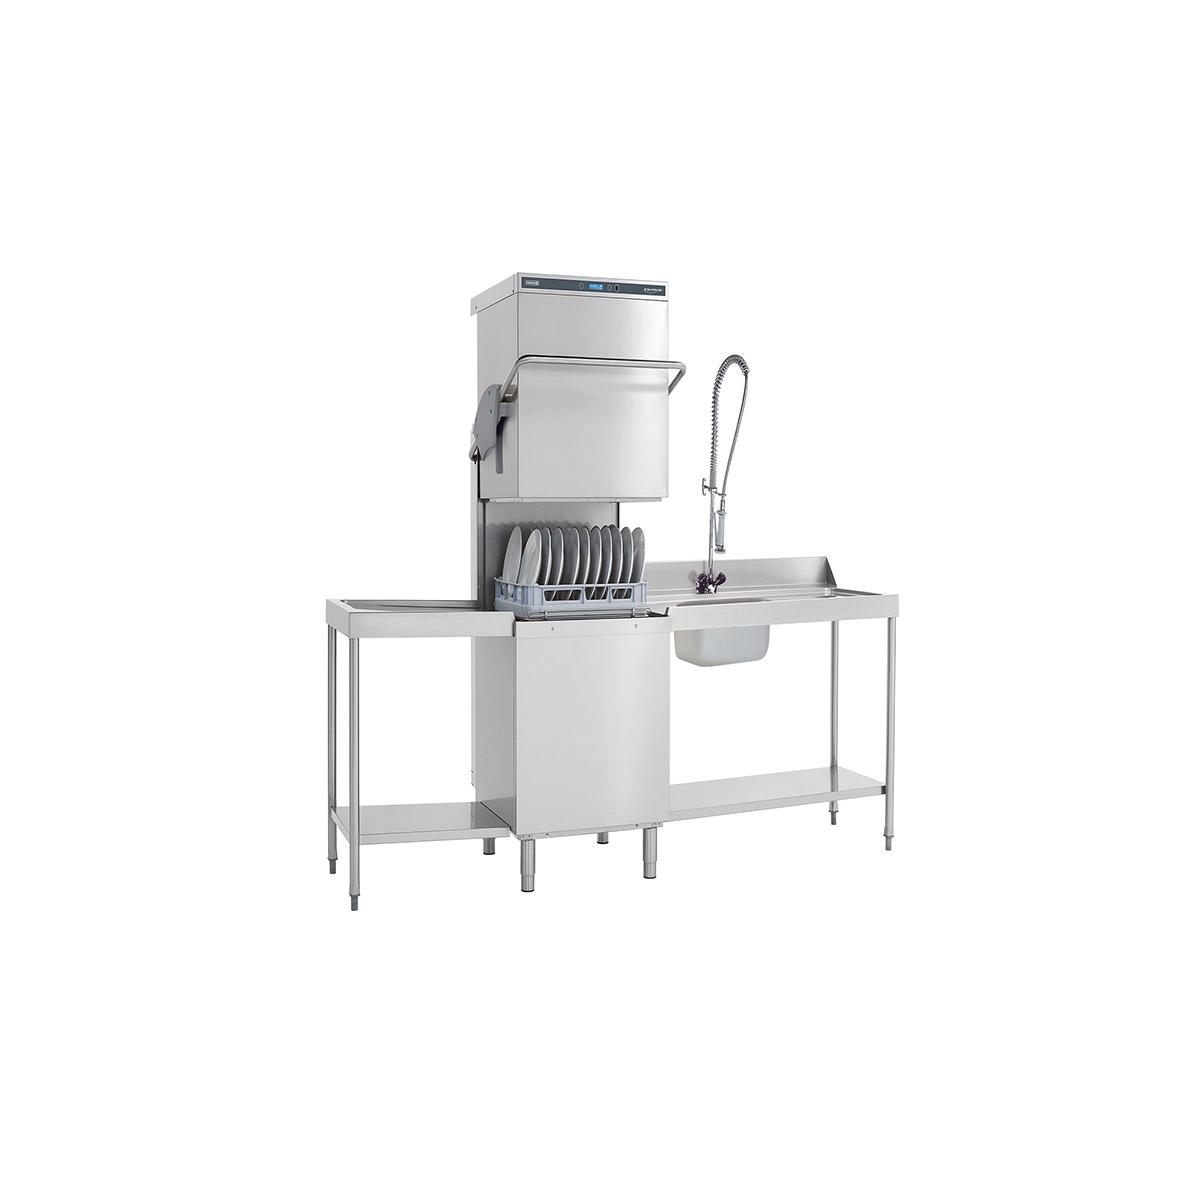 Maidaid Halcyon Evolution Passthrough Dishwasher EVO2060